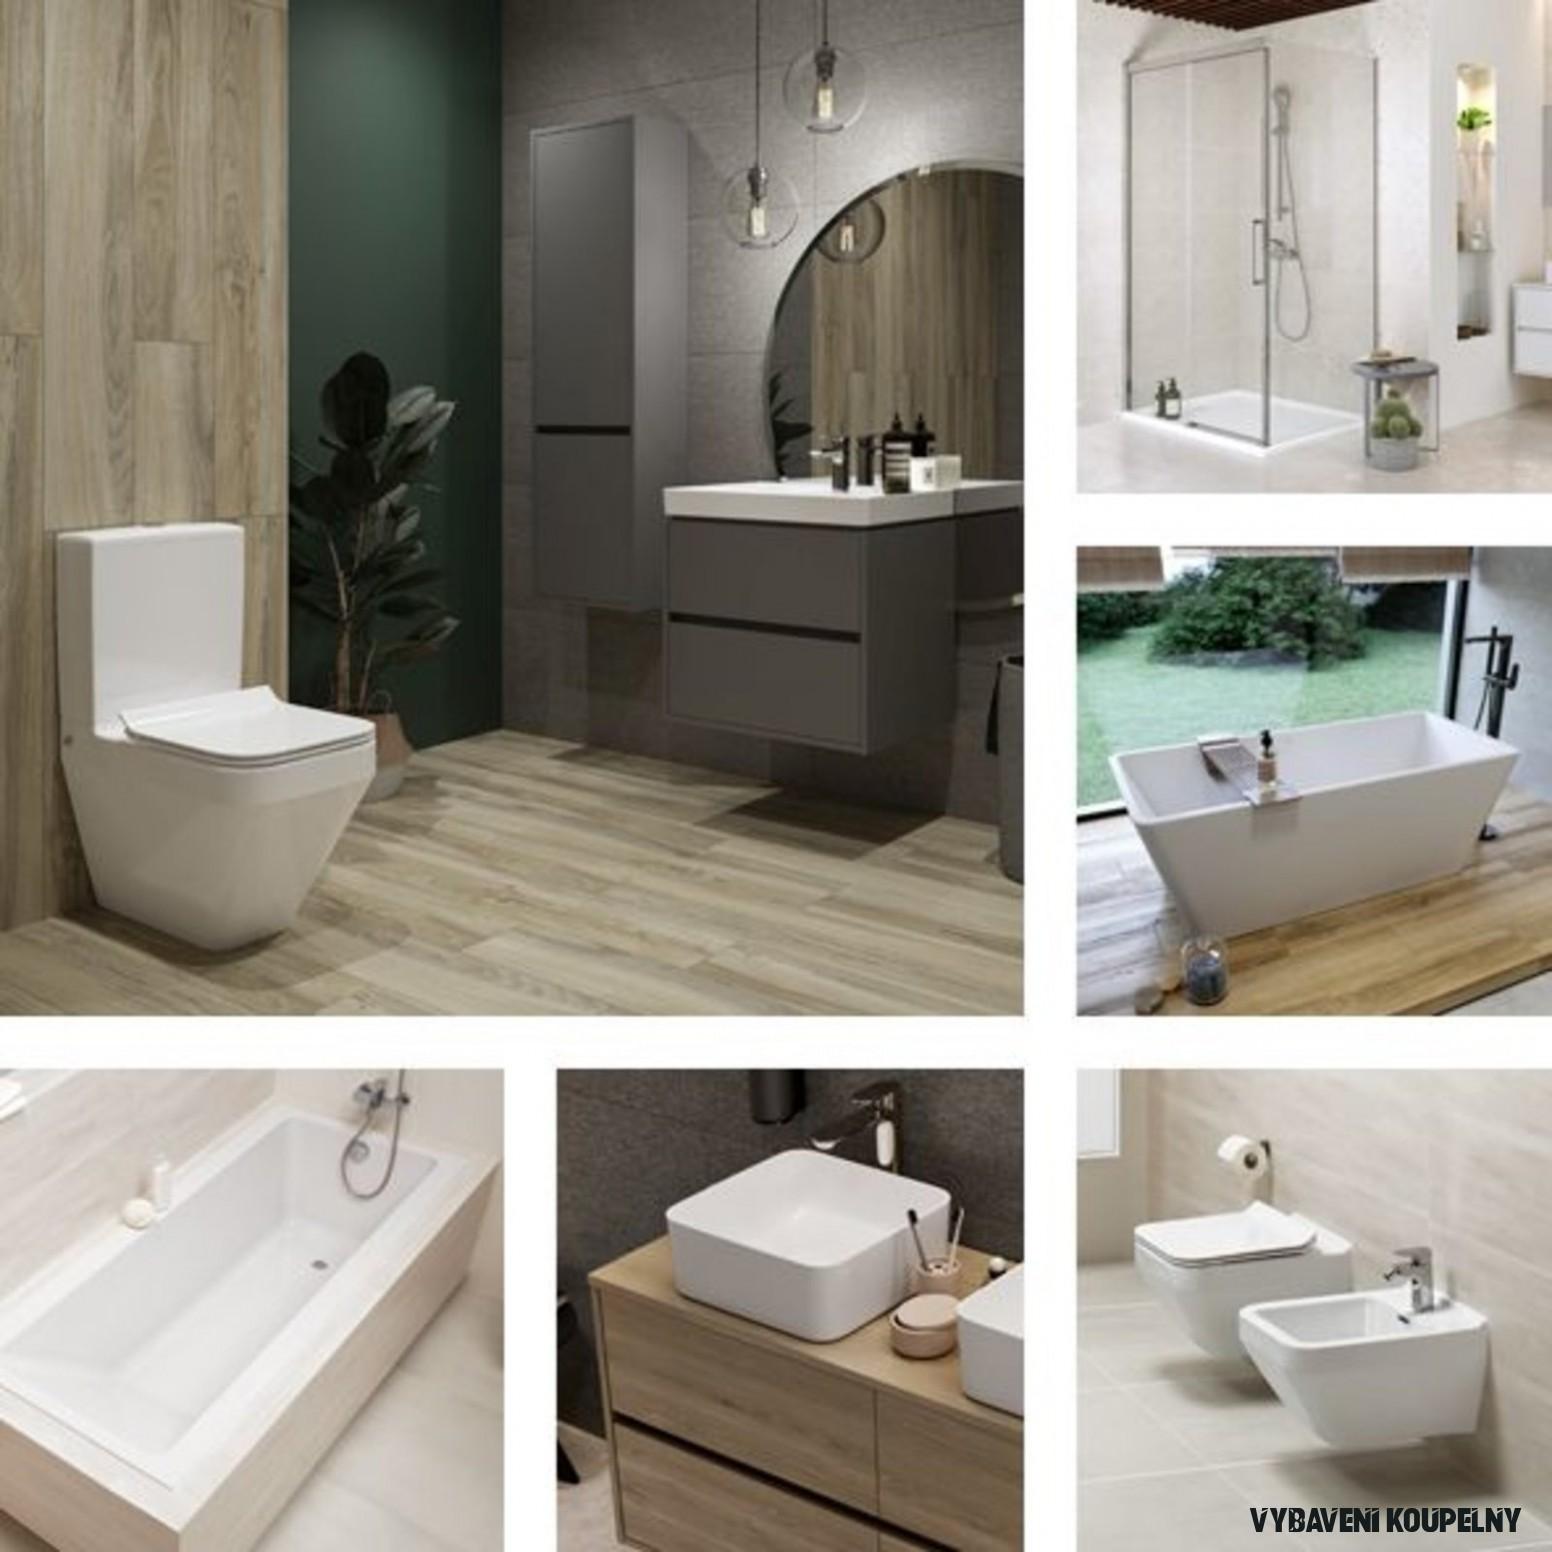 Koupelnové vybavení  Sortiment  Koupelny JaS - koupelny, obklady